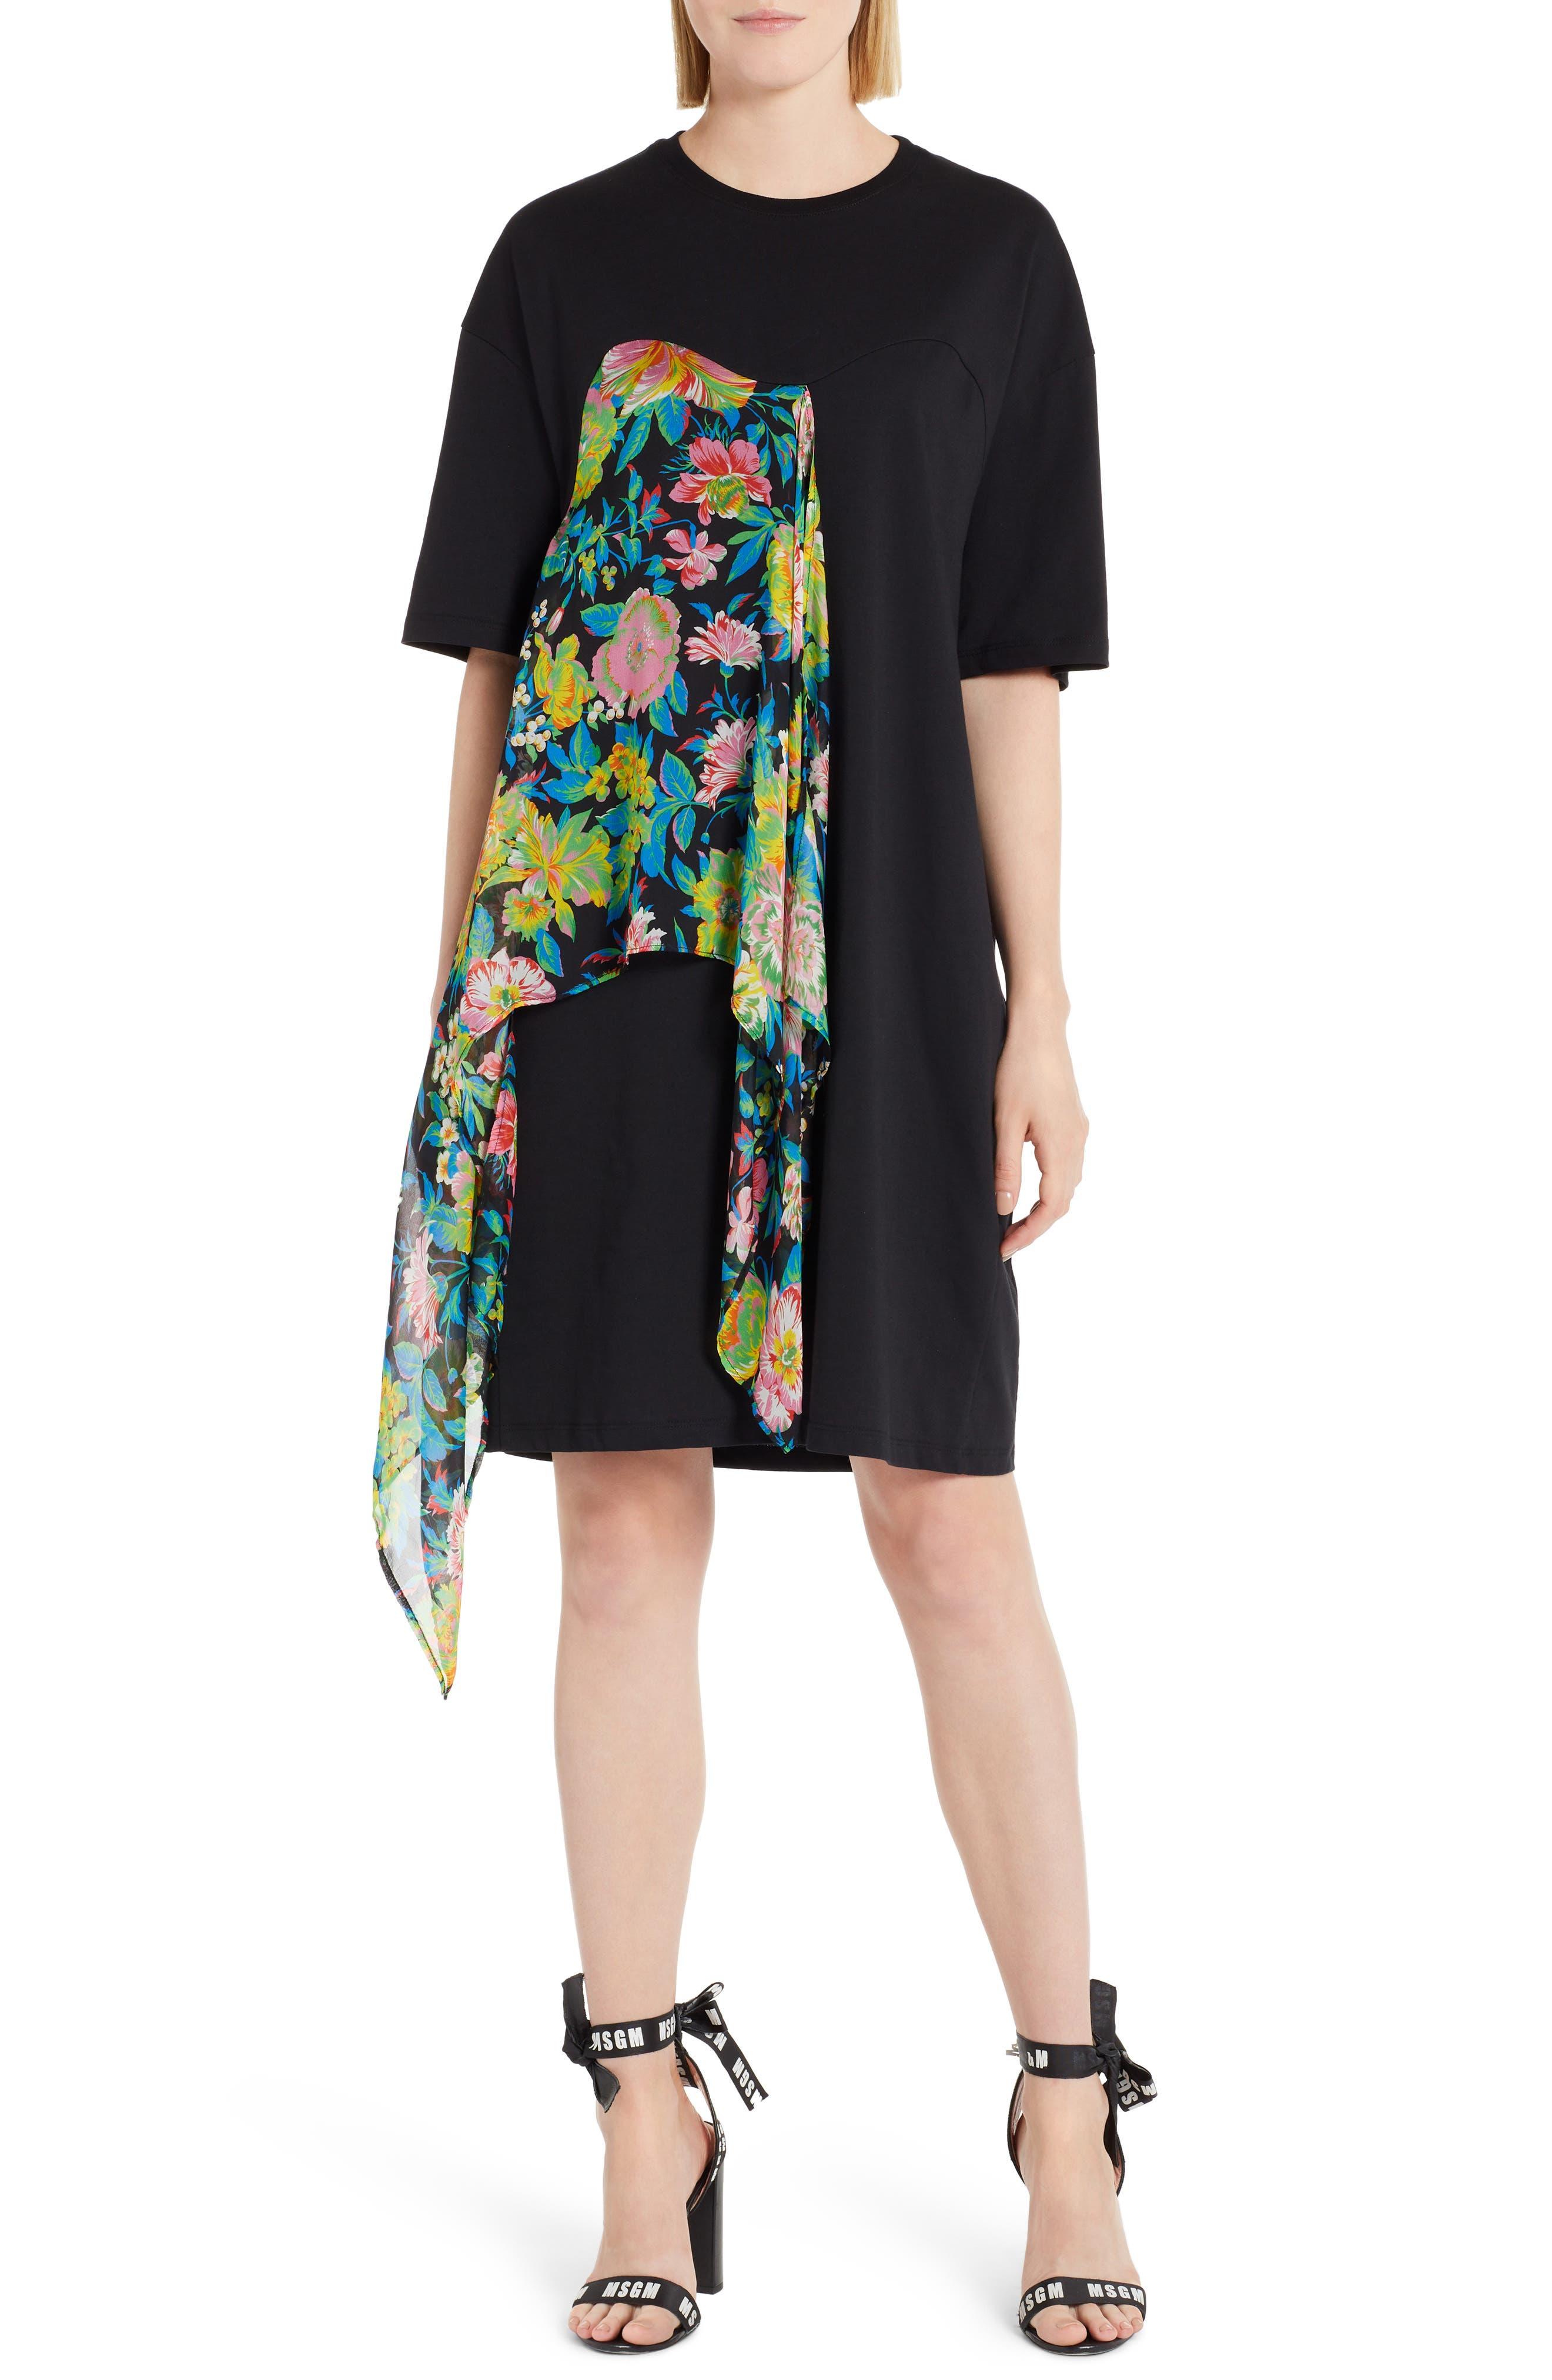 Main Image - MSGM Chiffon Panel T-Shirt Dress